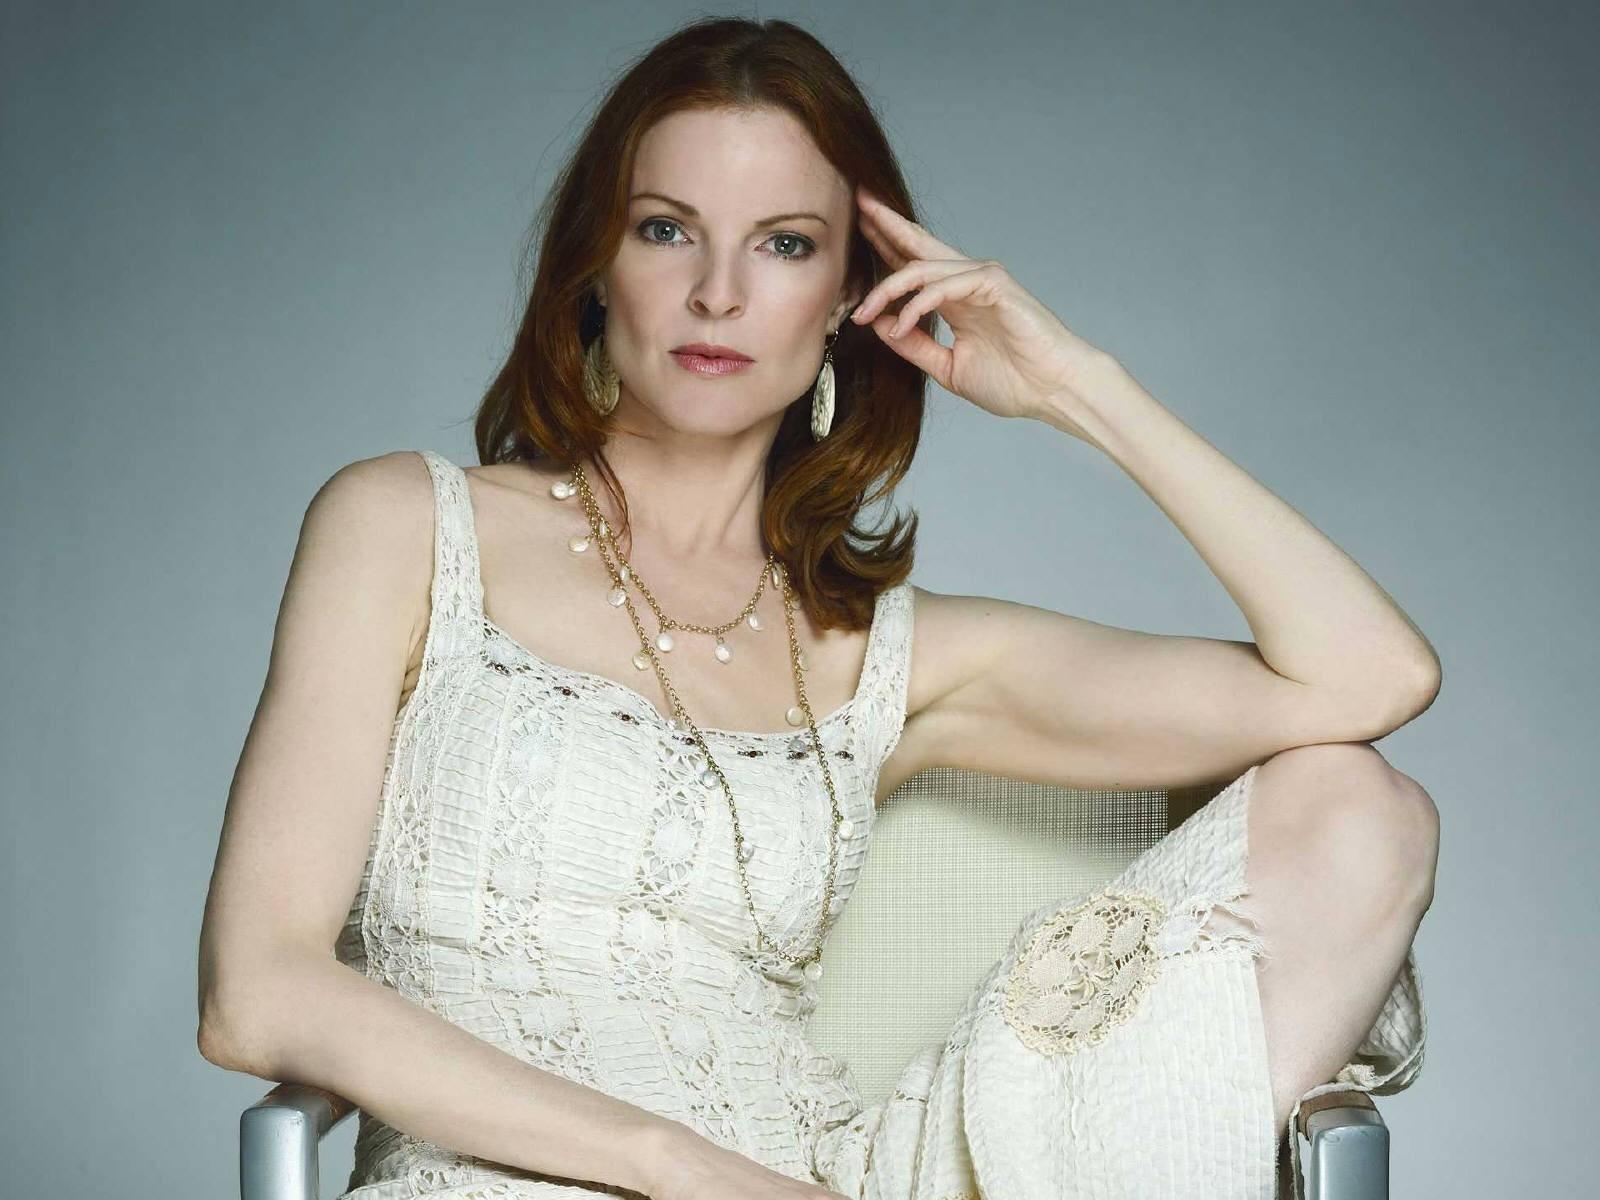 Wallpaper di Marcia Cross. L'attrice è diventata celebre con il ruolo di Bree in Desperate Housewives